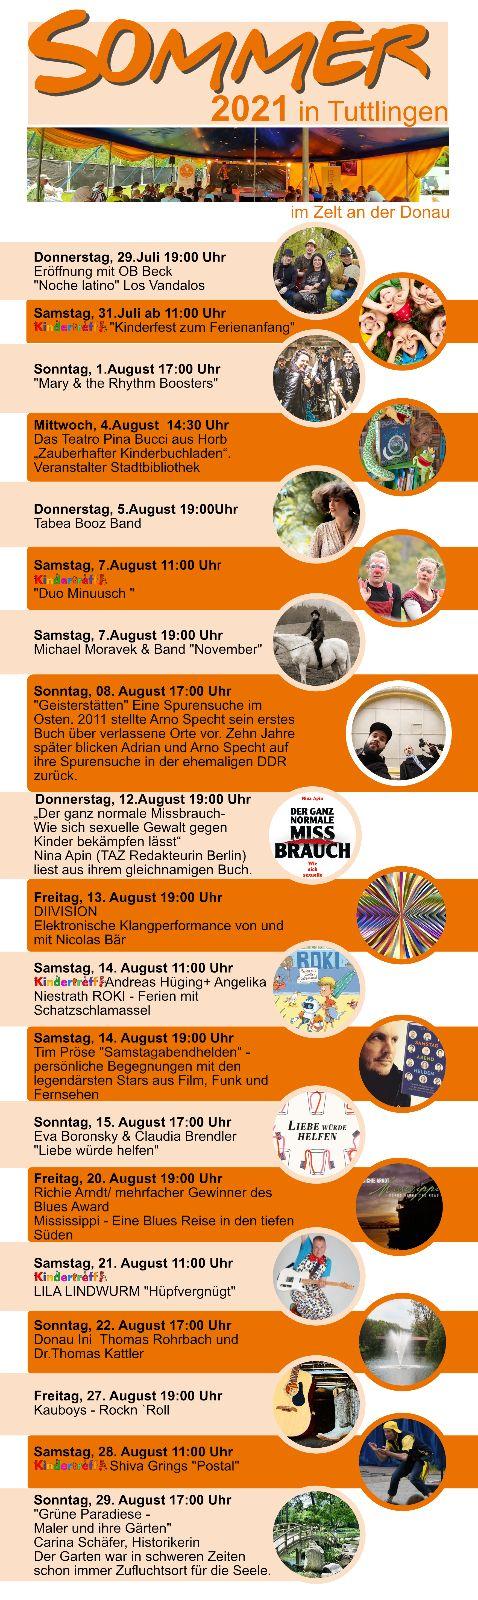 Programm - Sommer in Tuttlingen 21